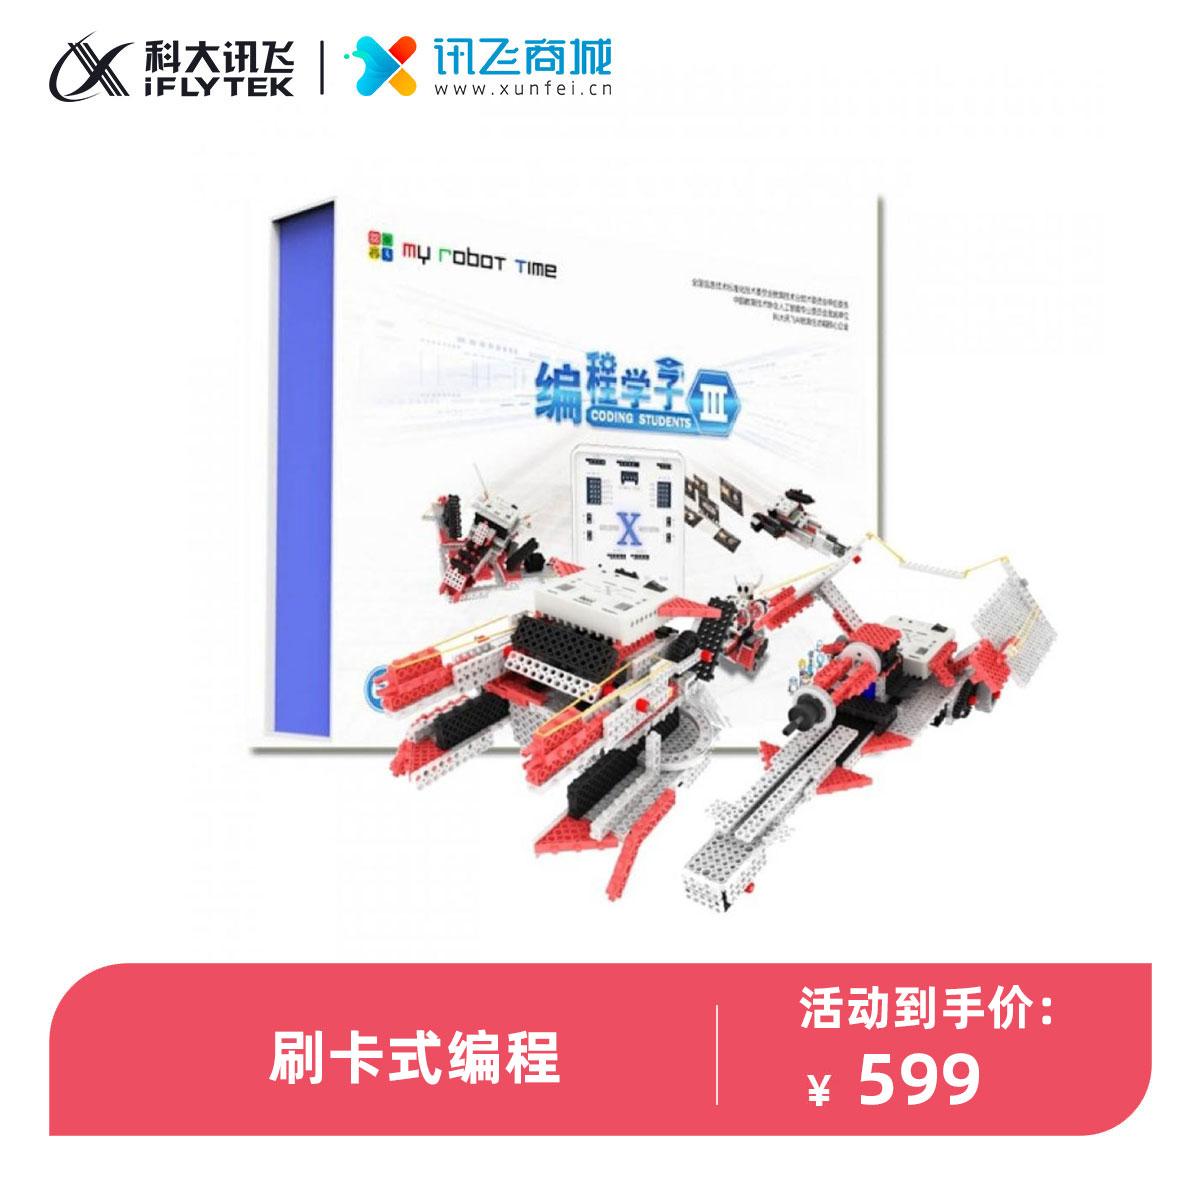 韩端·编程积木玩具III【A.I.学习早教专场】